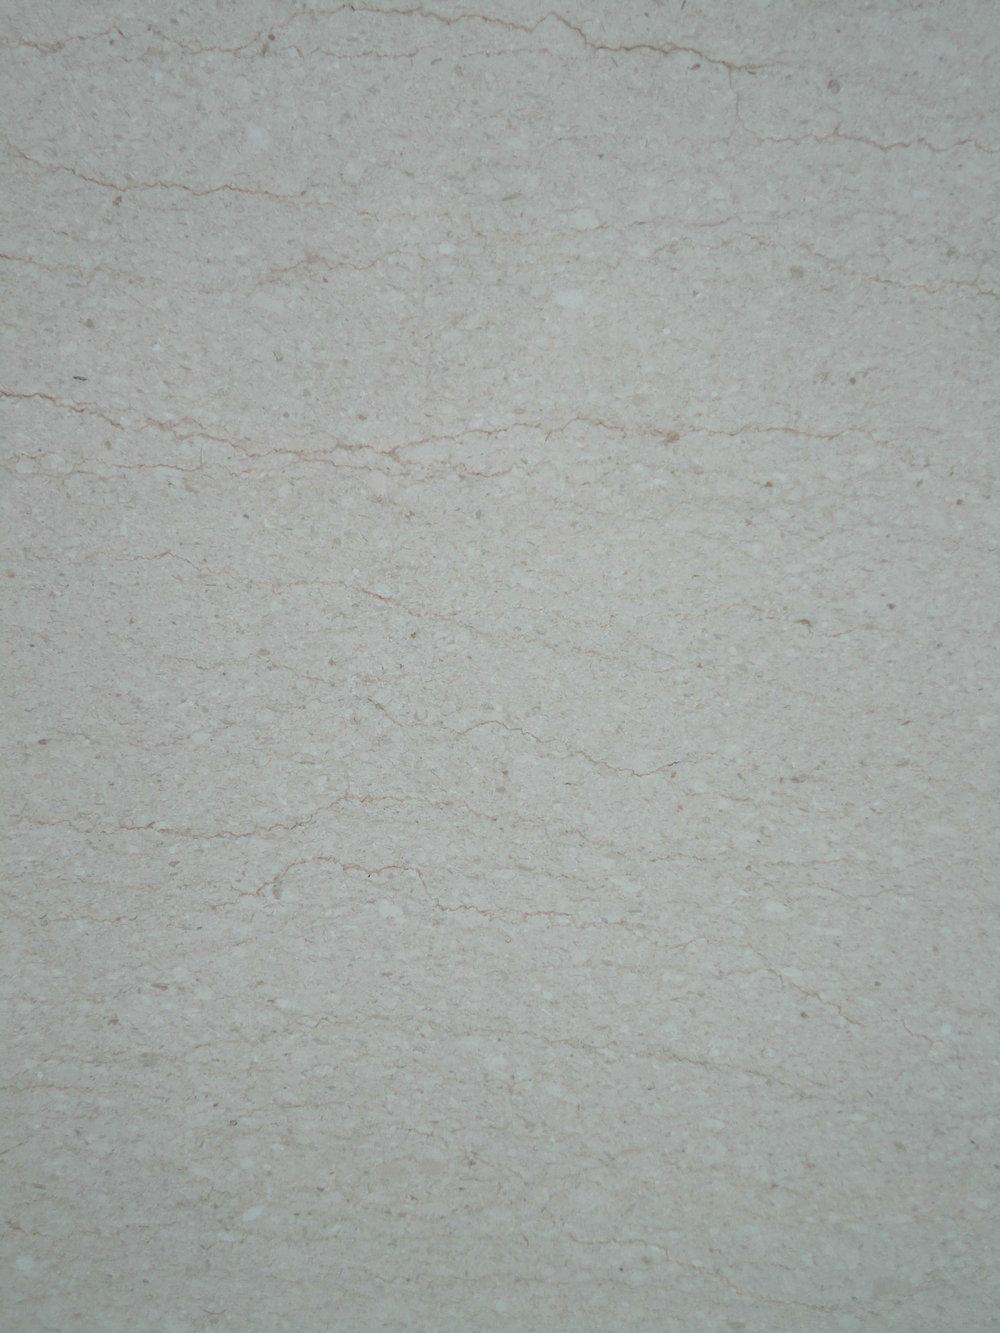 Pandora Beige (1) 2.jpg